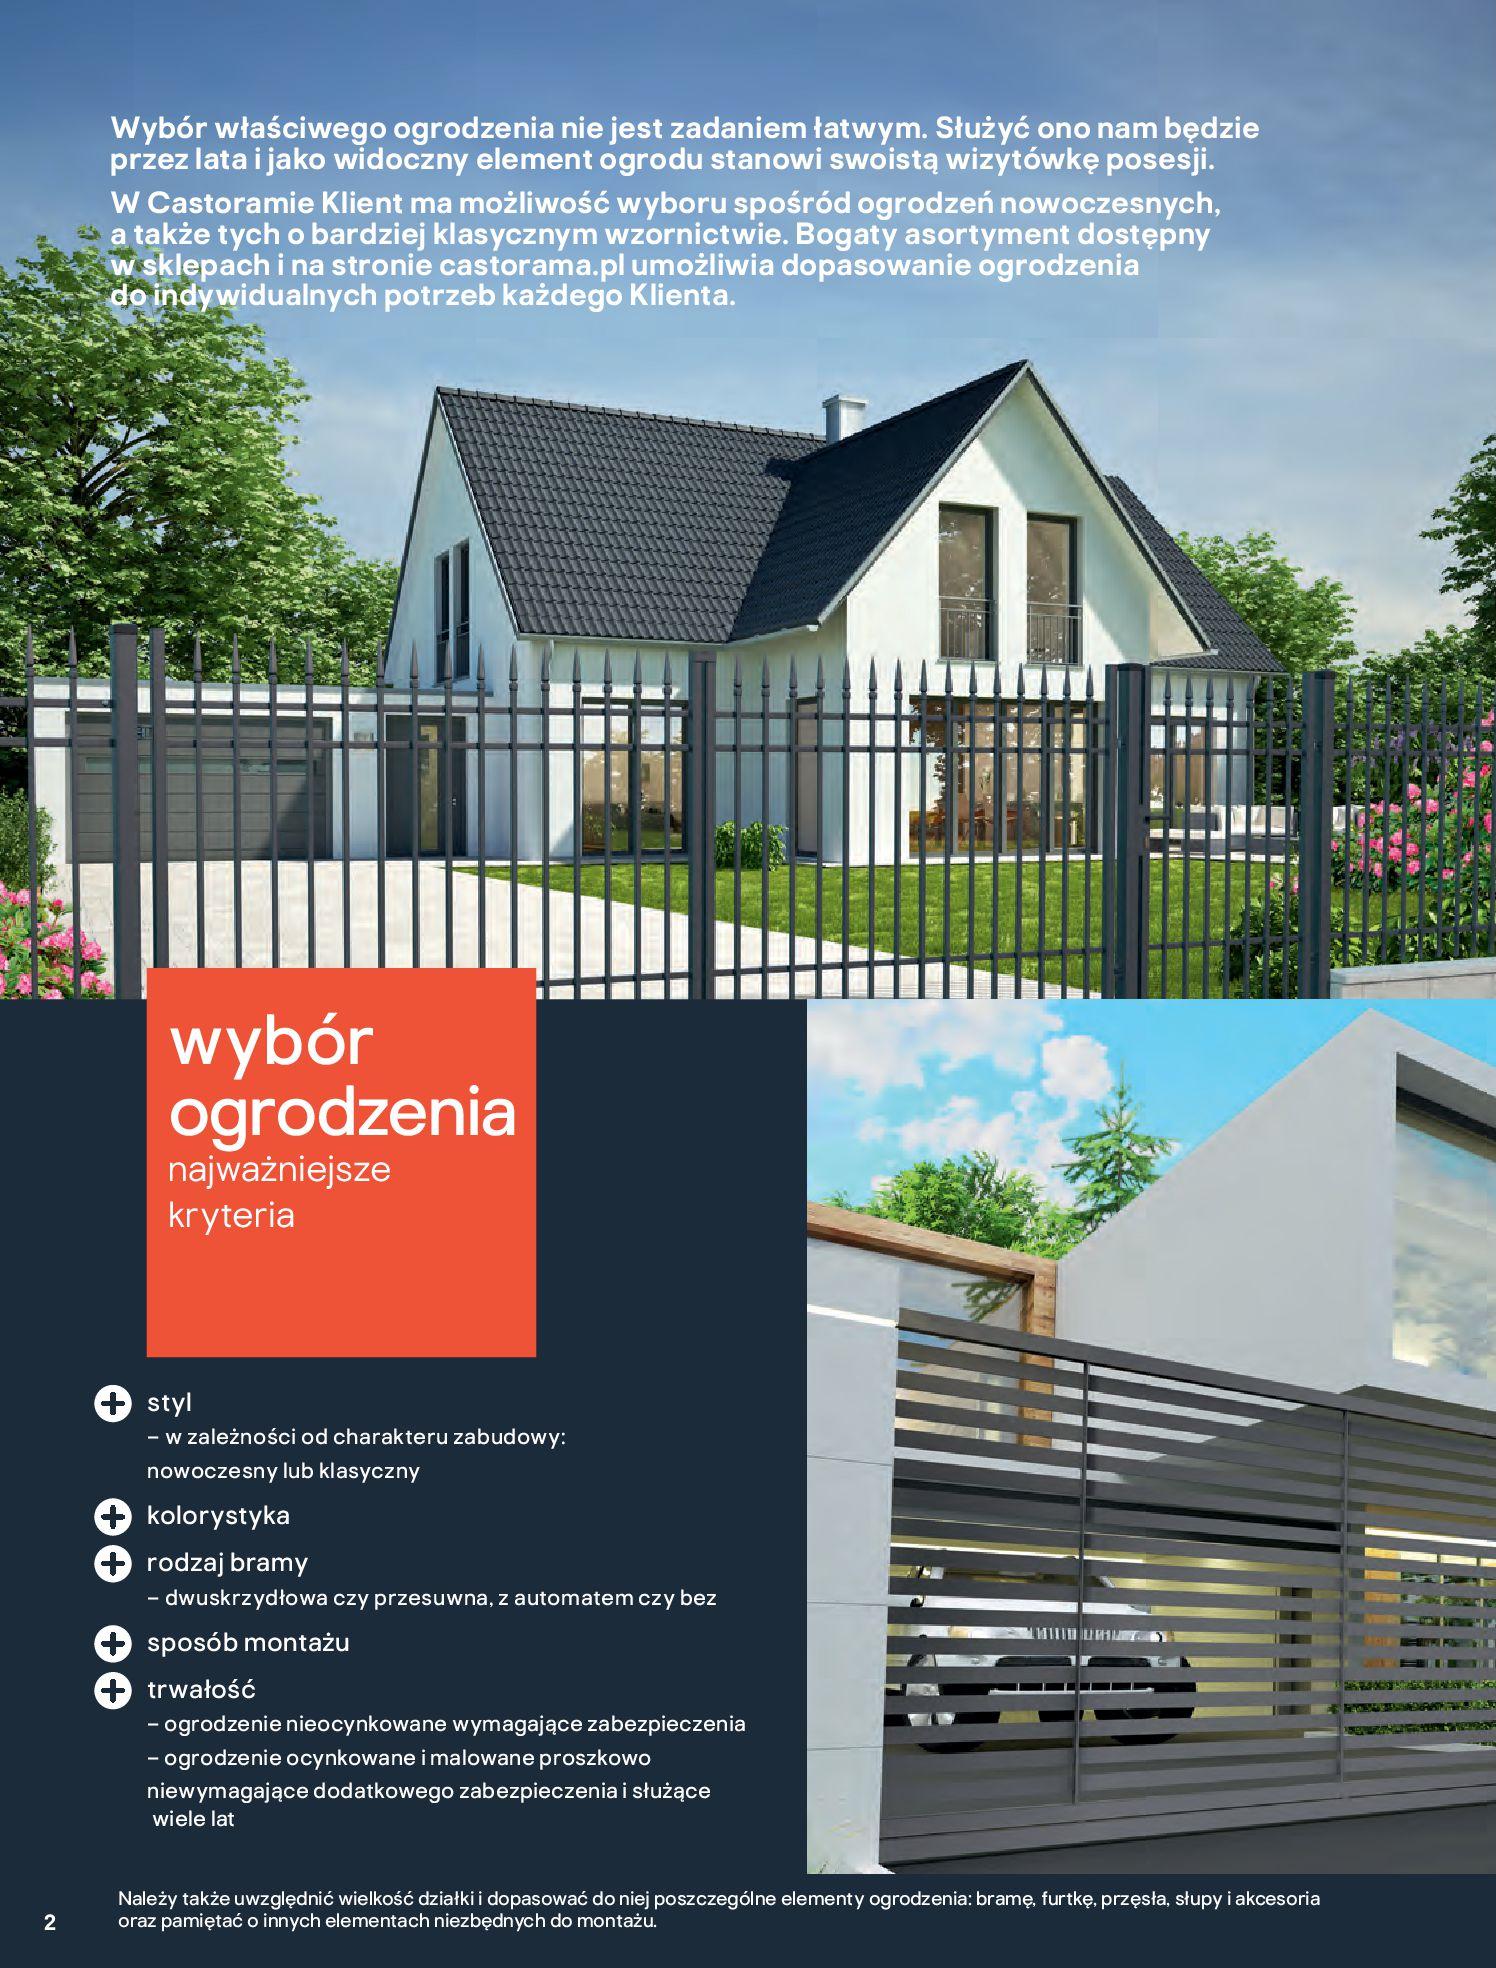 Gazetka Castorama - Przewodnik bramy i ogrodzenia-12.02.2020-30.06.2020-page-2